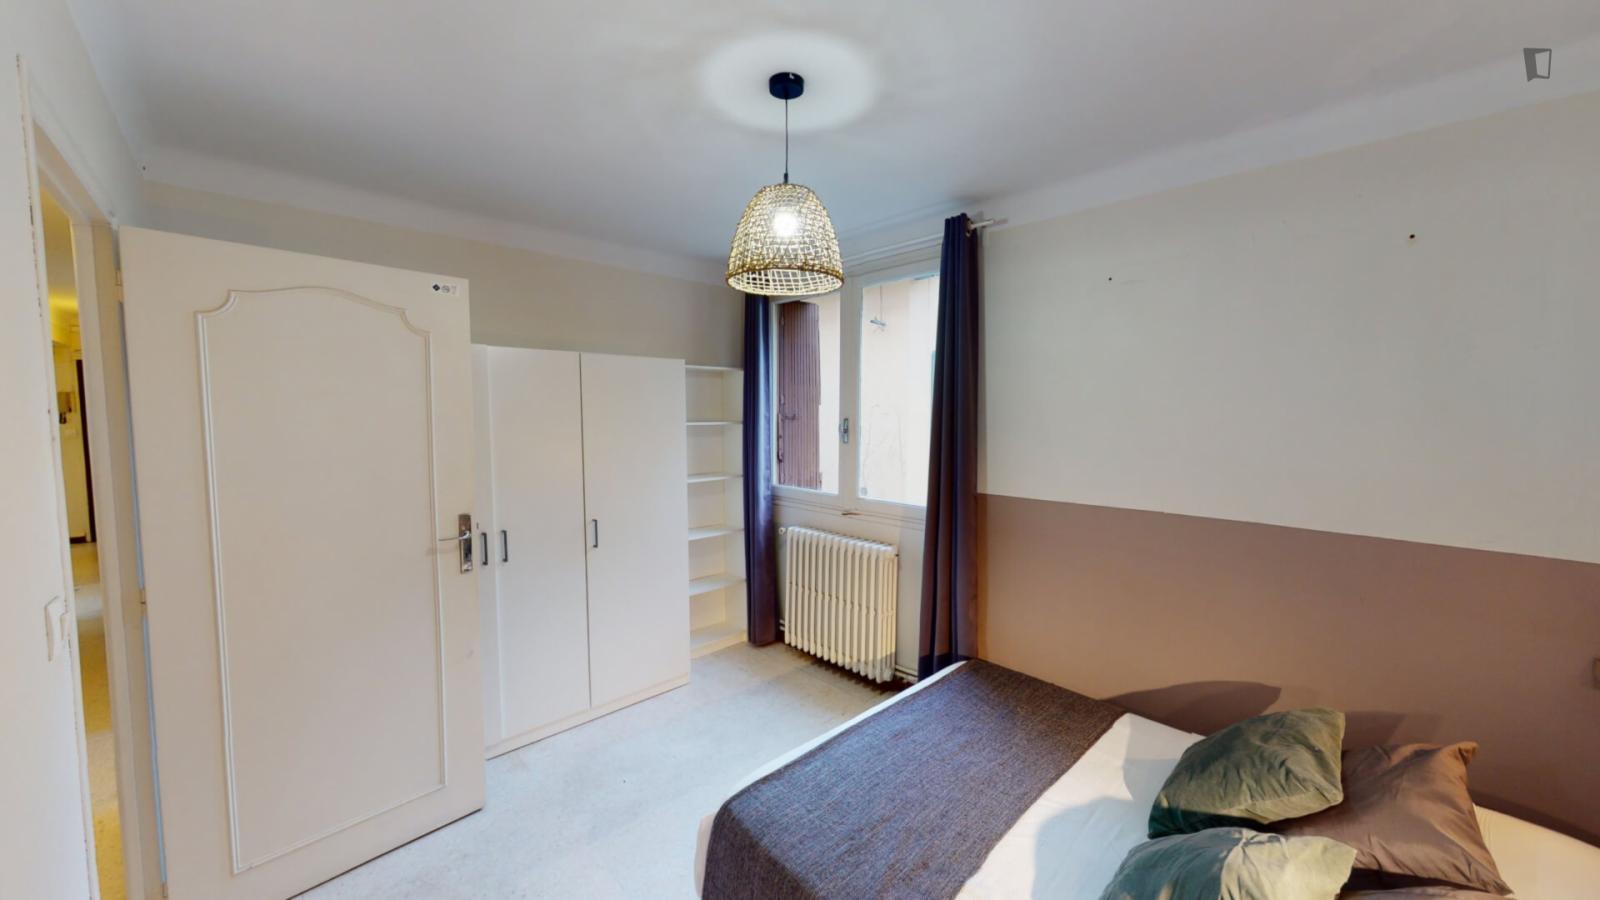 Rue Maury, Montpellier, FR-34 - 435 EUR/ month